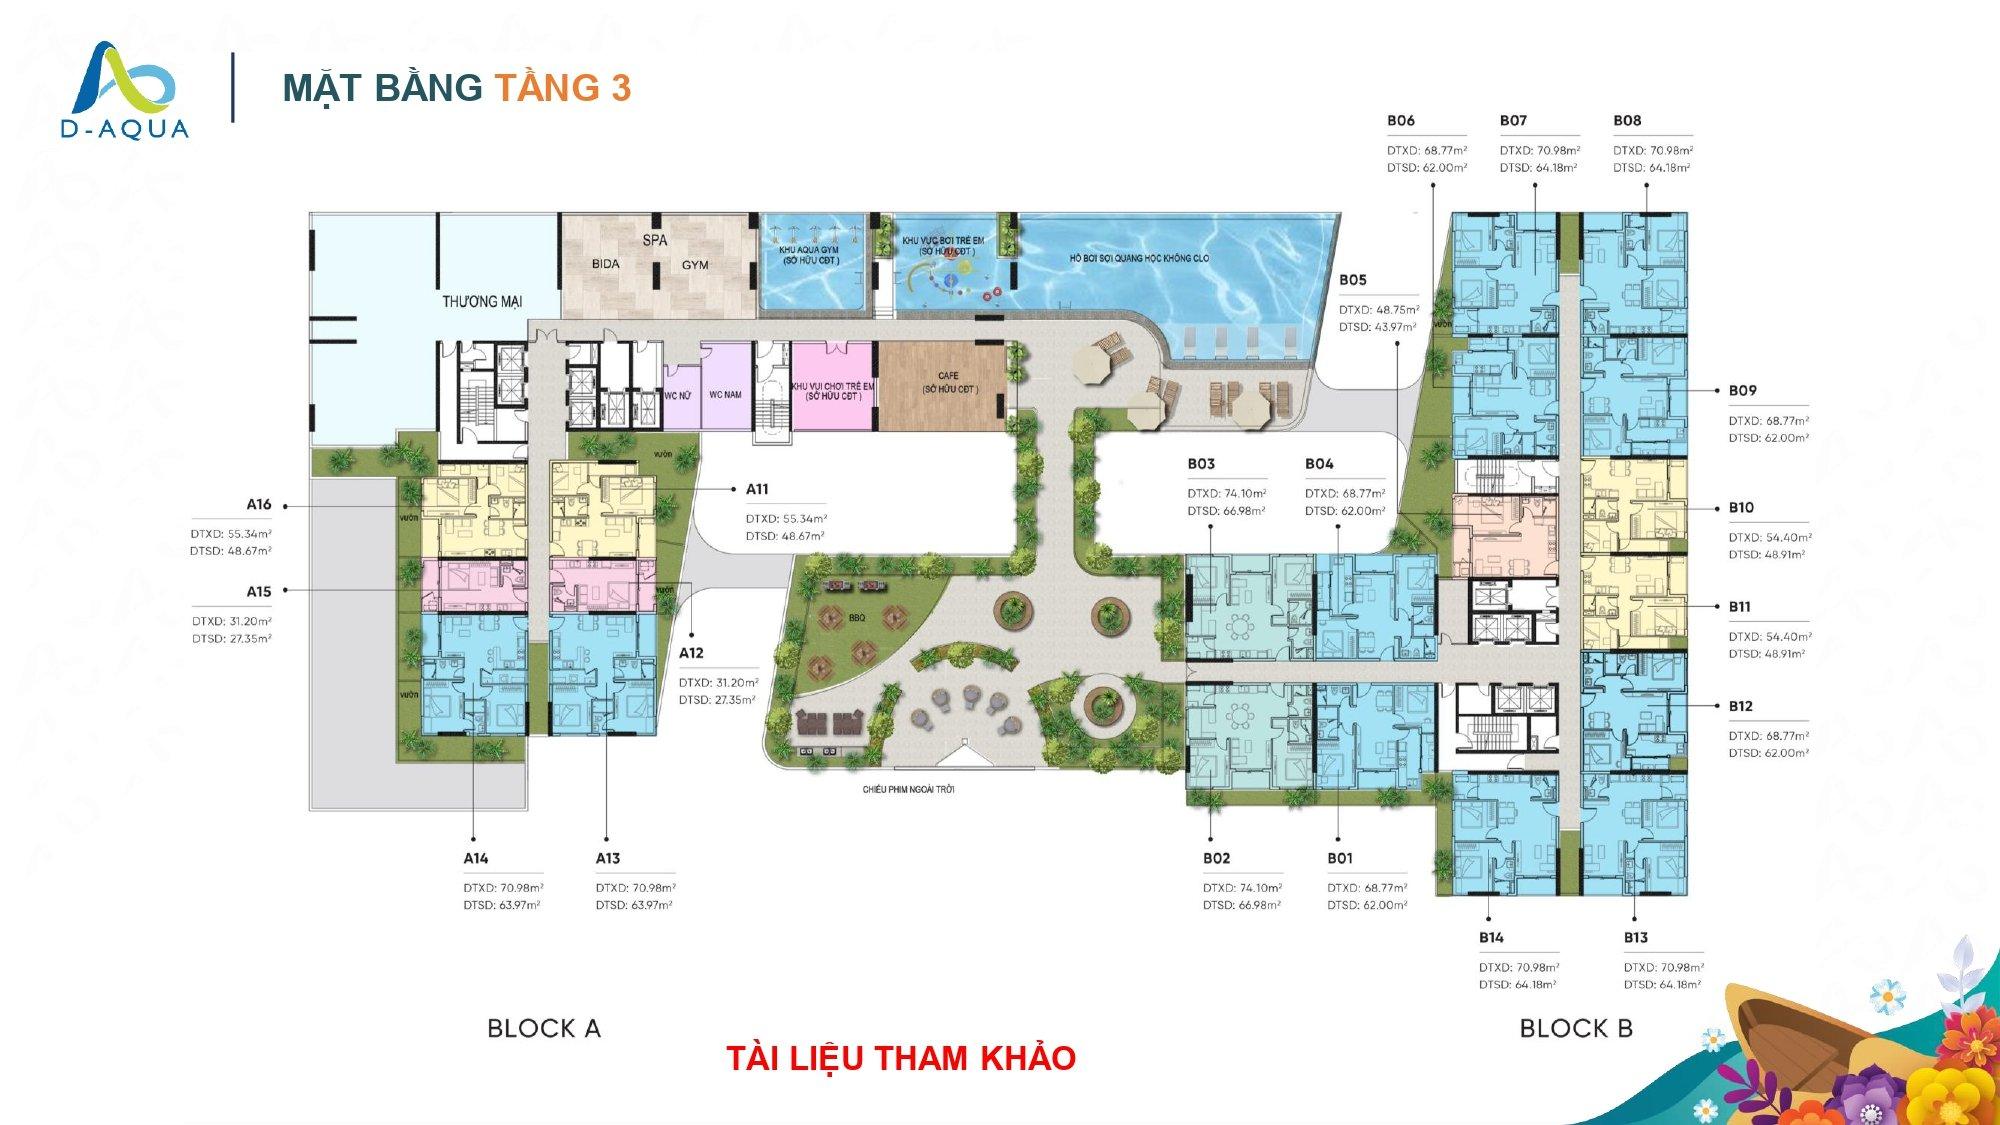 Mặt bằng tầng 3 dự án căn hộ chung cư D-Aqua Quận 8